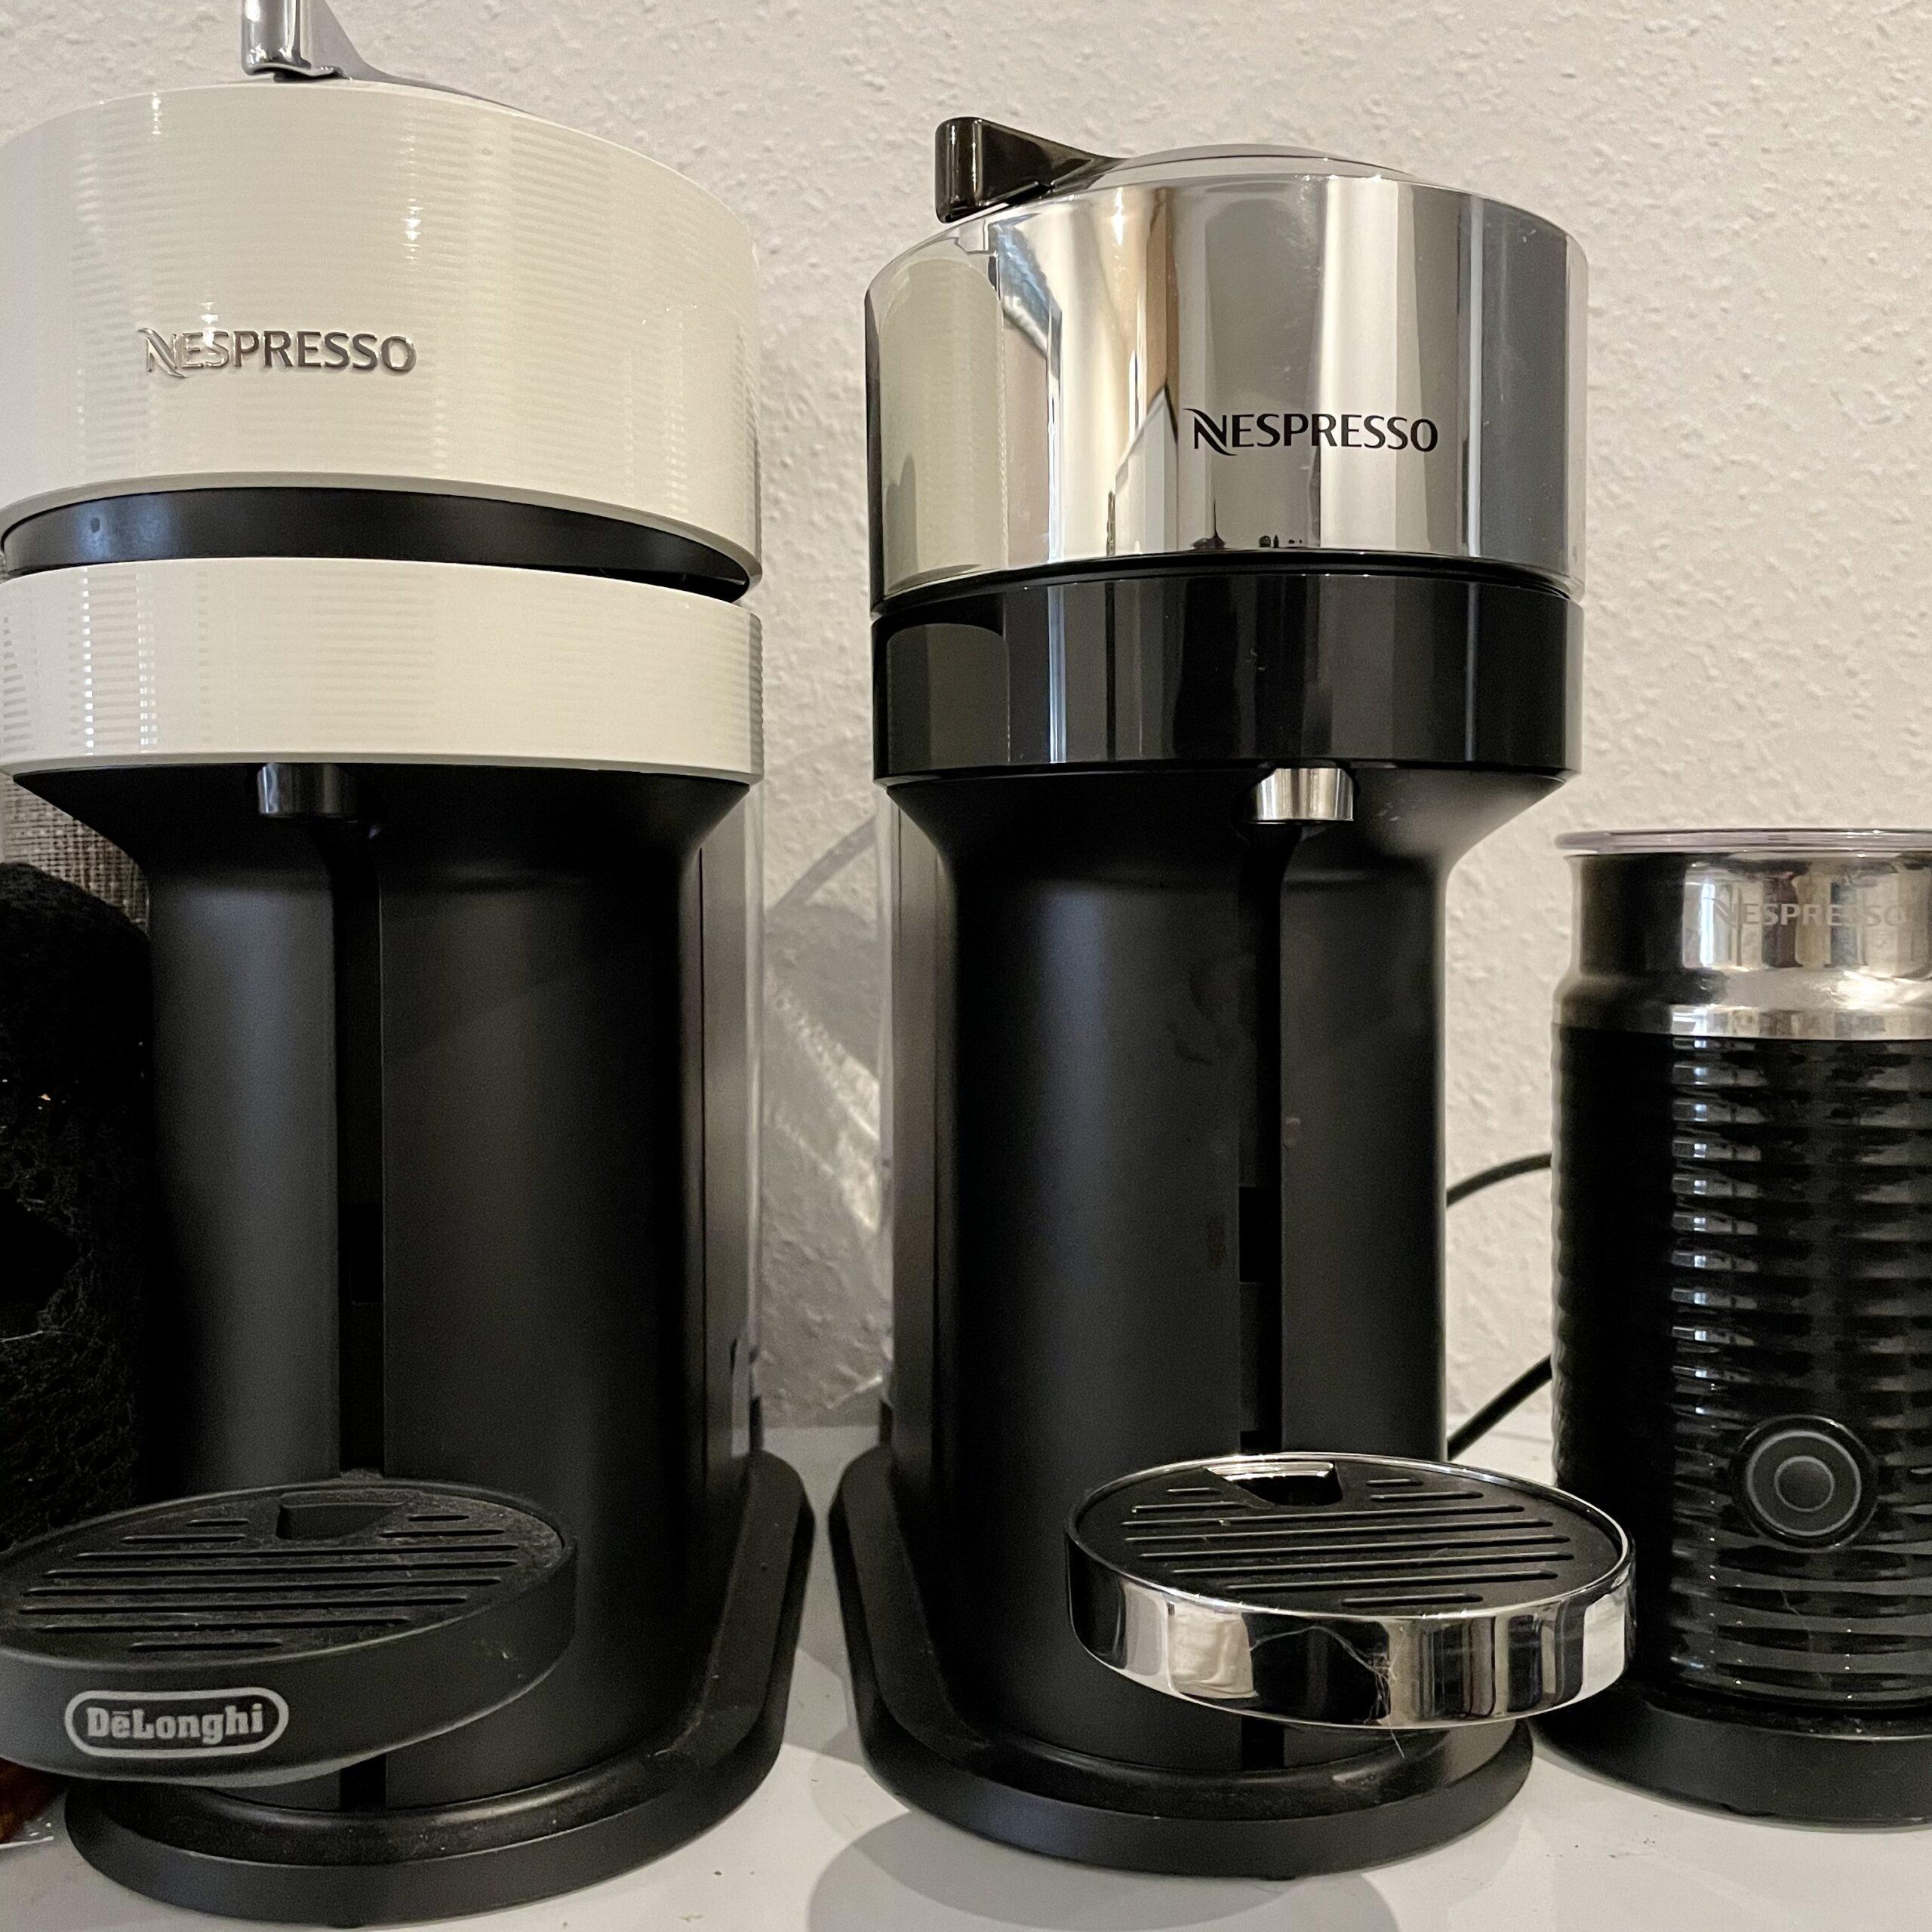 「家でちょっと贅沢なコーヒタイムを」であれば、Nespressoは最適